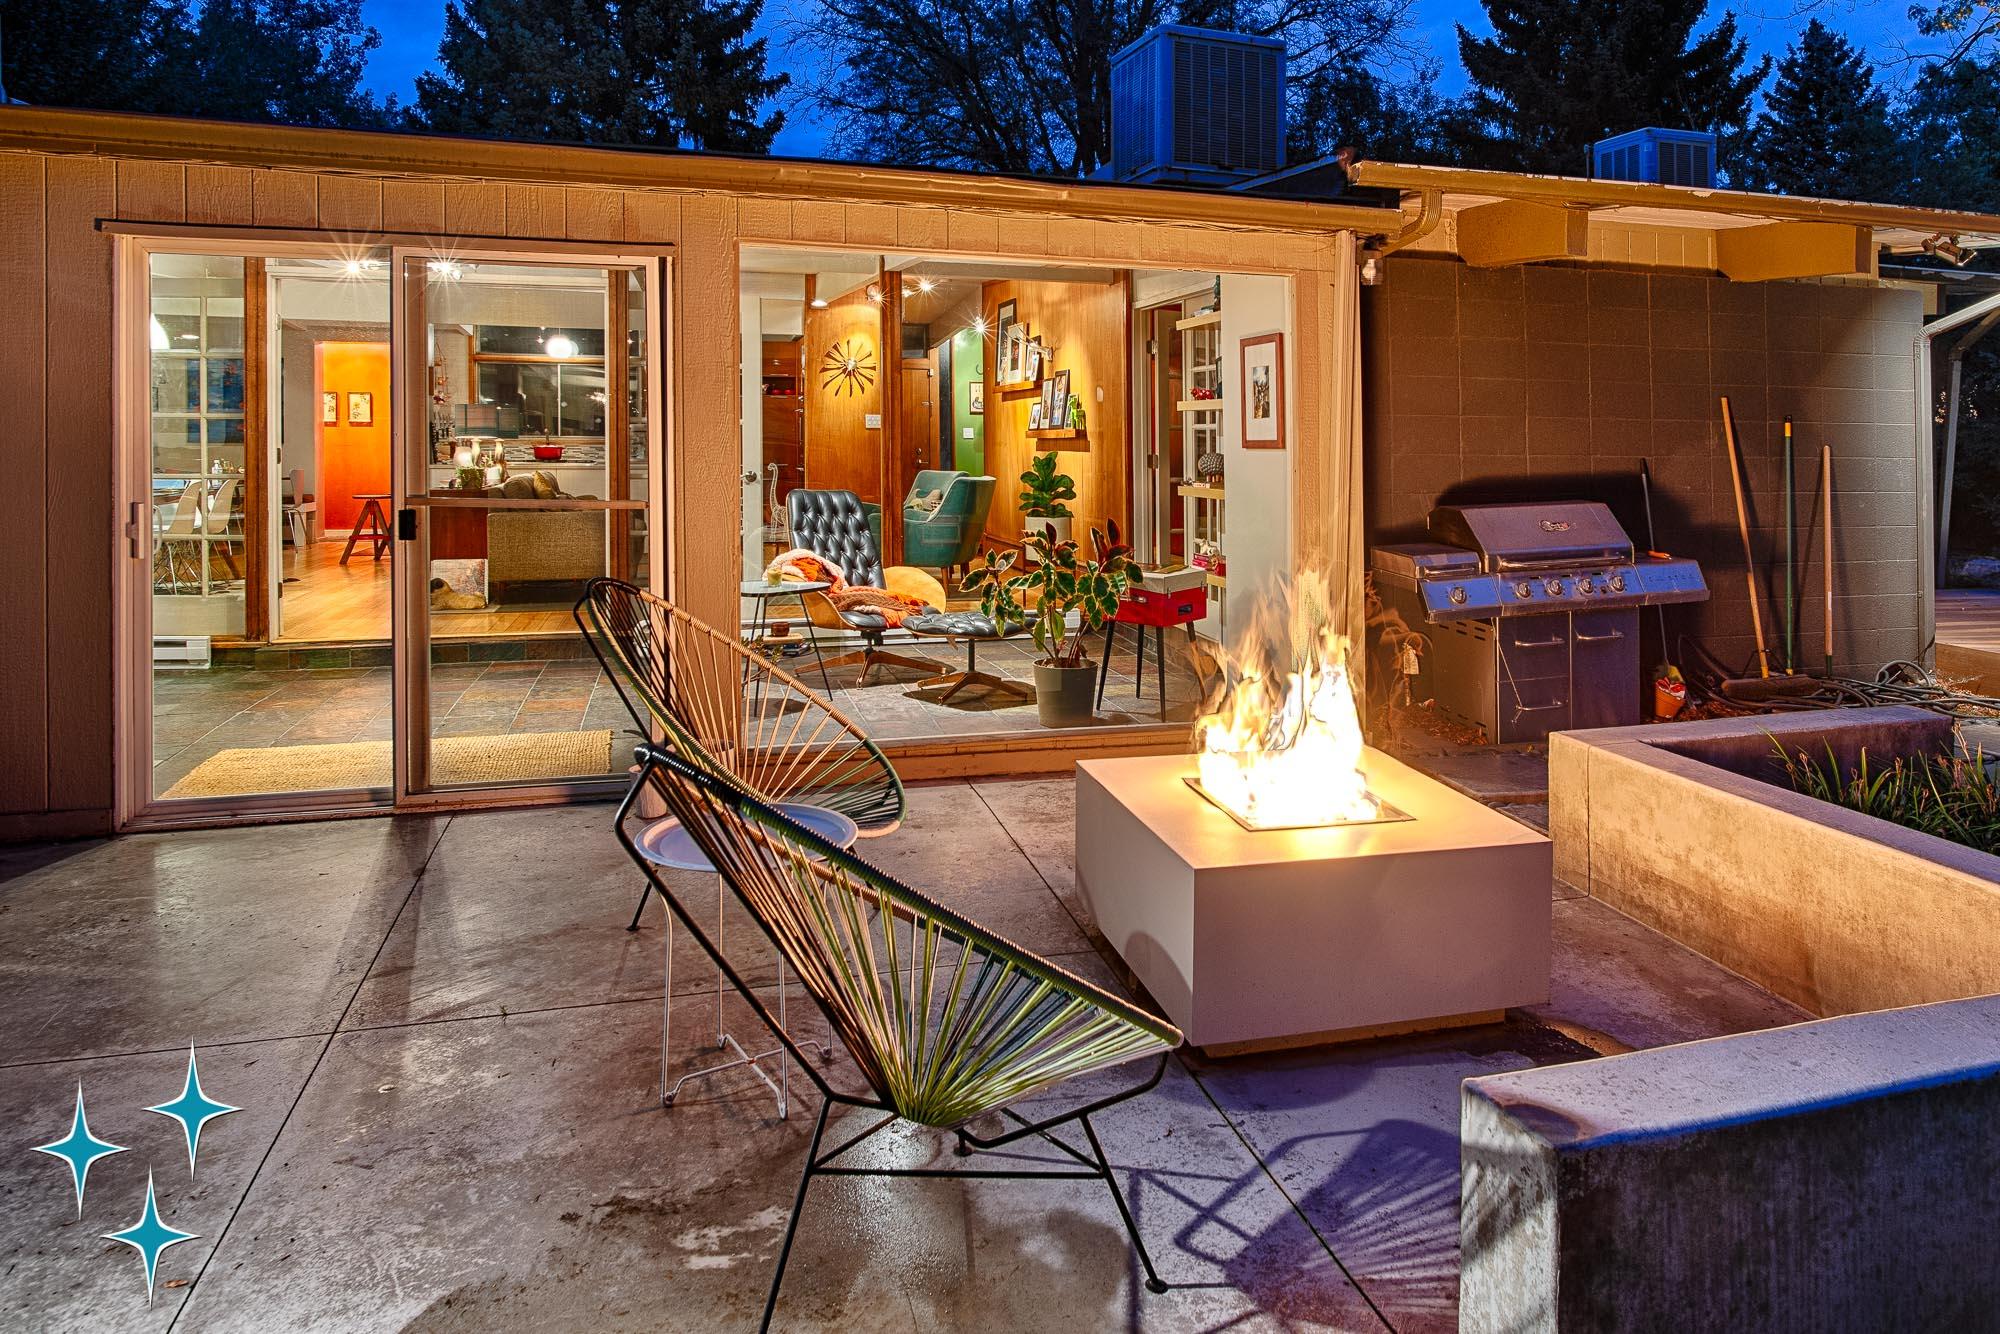 Adrian-Kinney-4920-E-Vassar-Lane-Denver-Dahlia-Acres-2000w50-3SWM-58.jpg